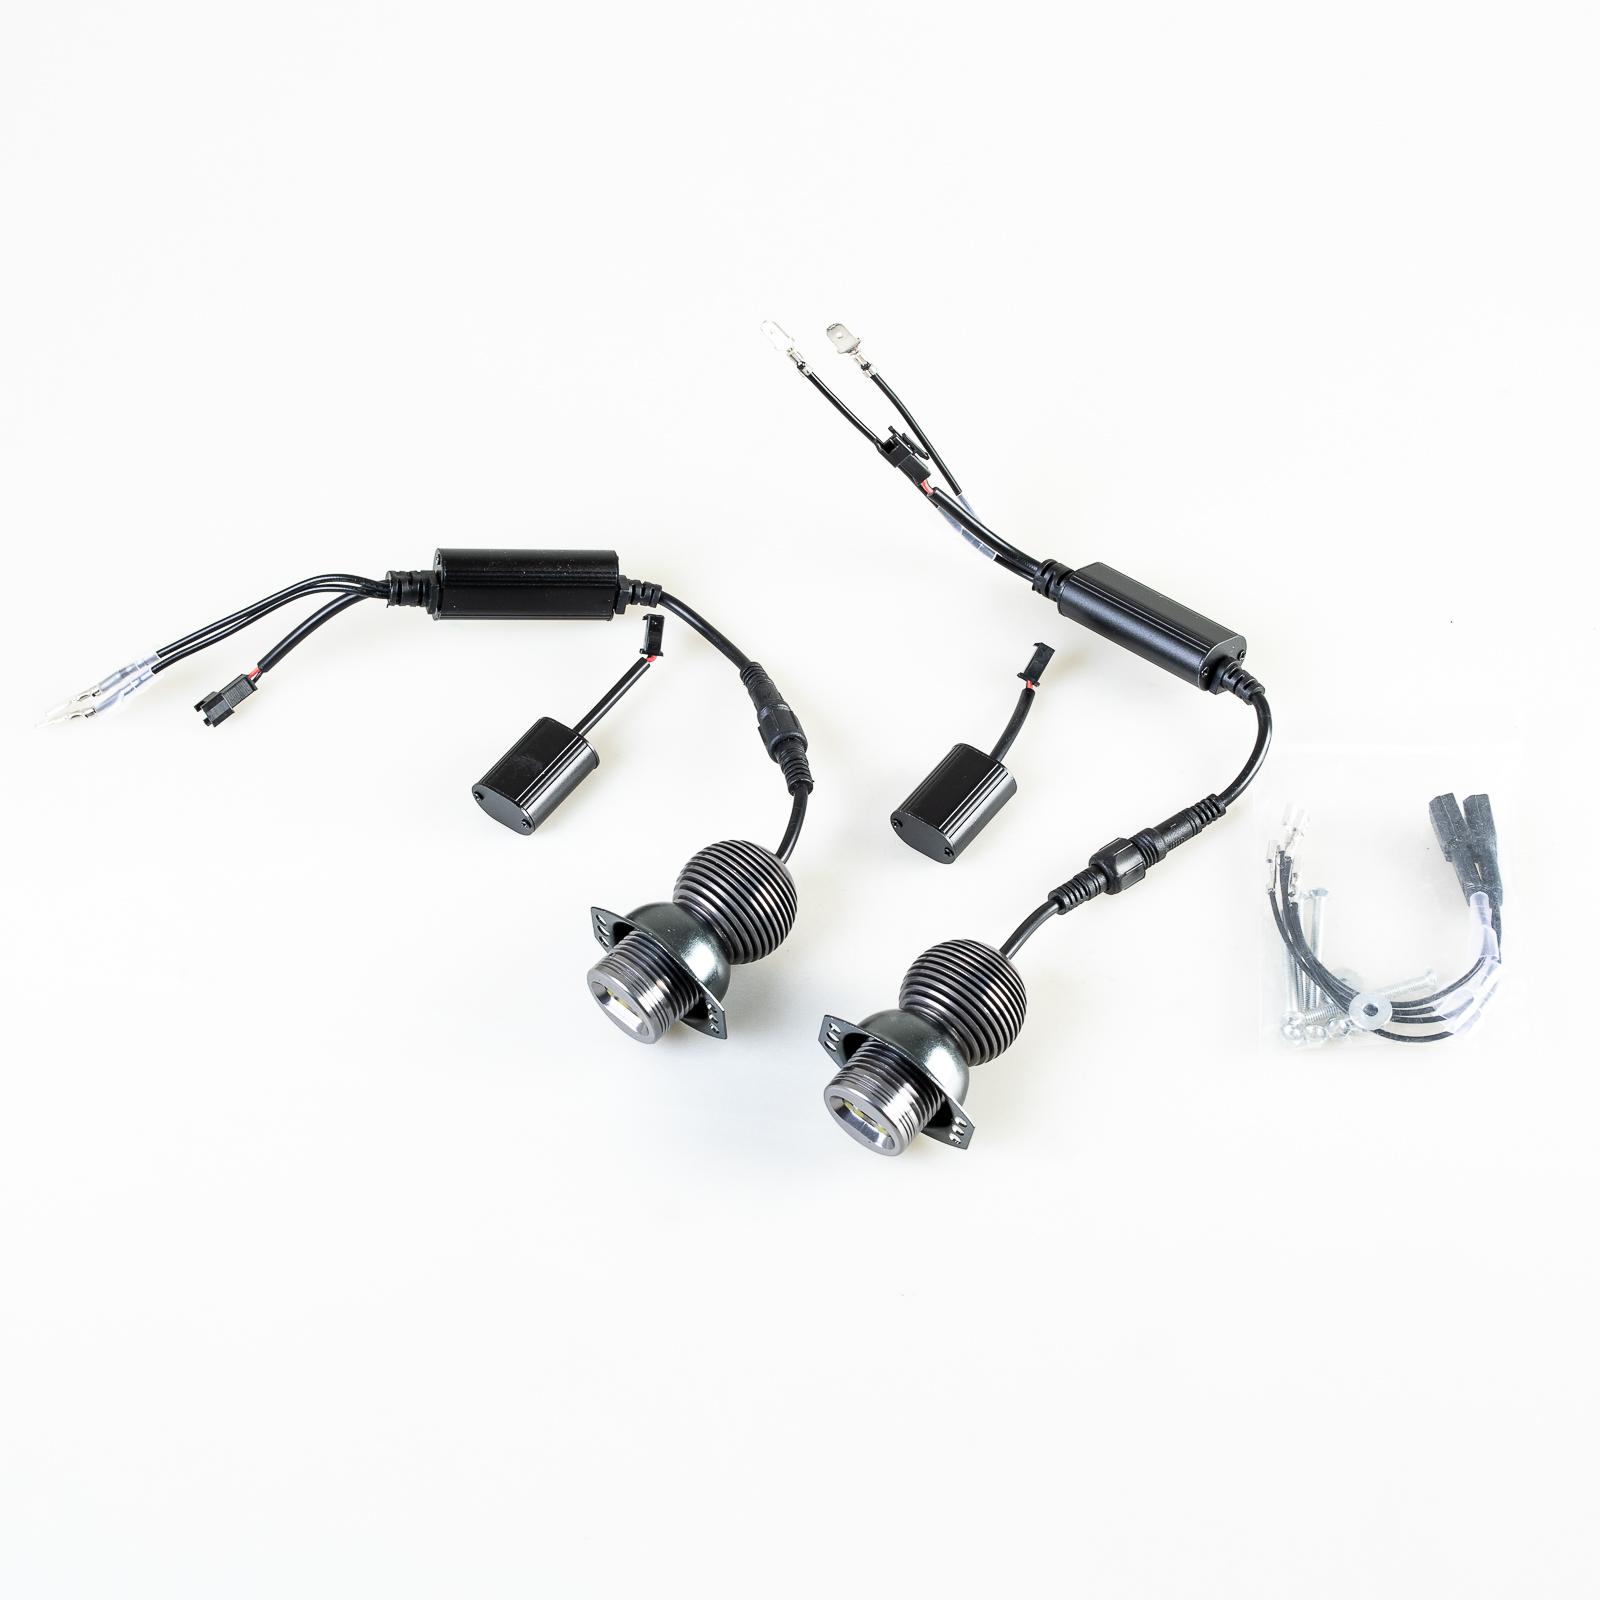 LED Angel Eye Halo Ring Light Bulb Kit 10W White For BMW E90 E91 Prefacelift